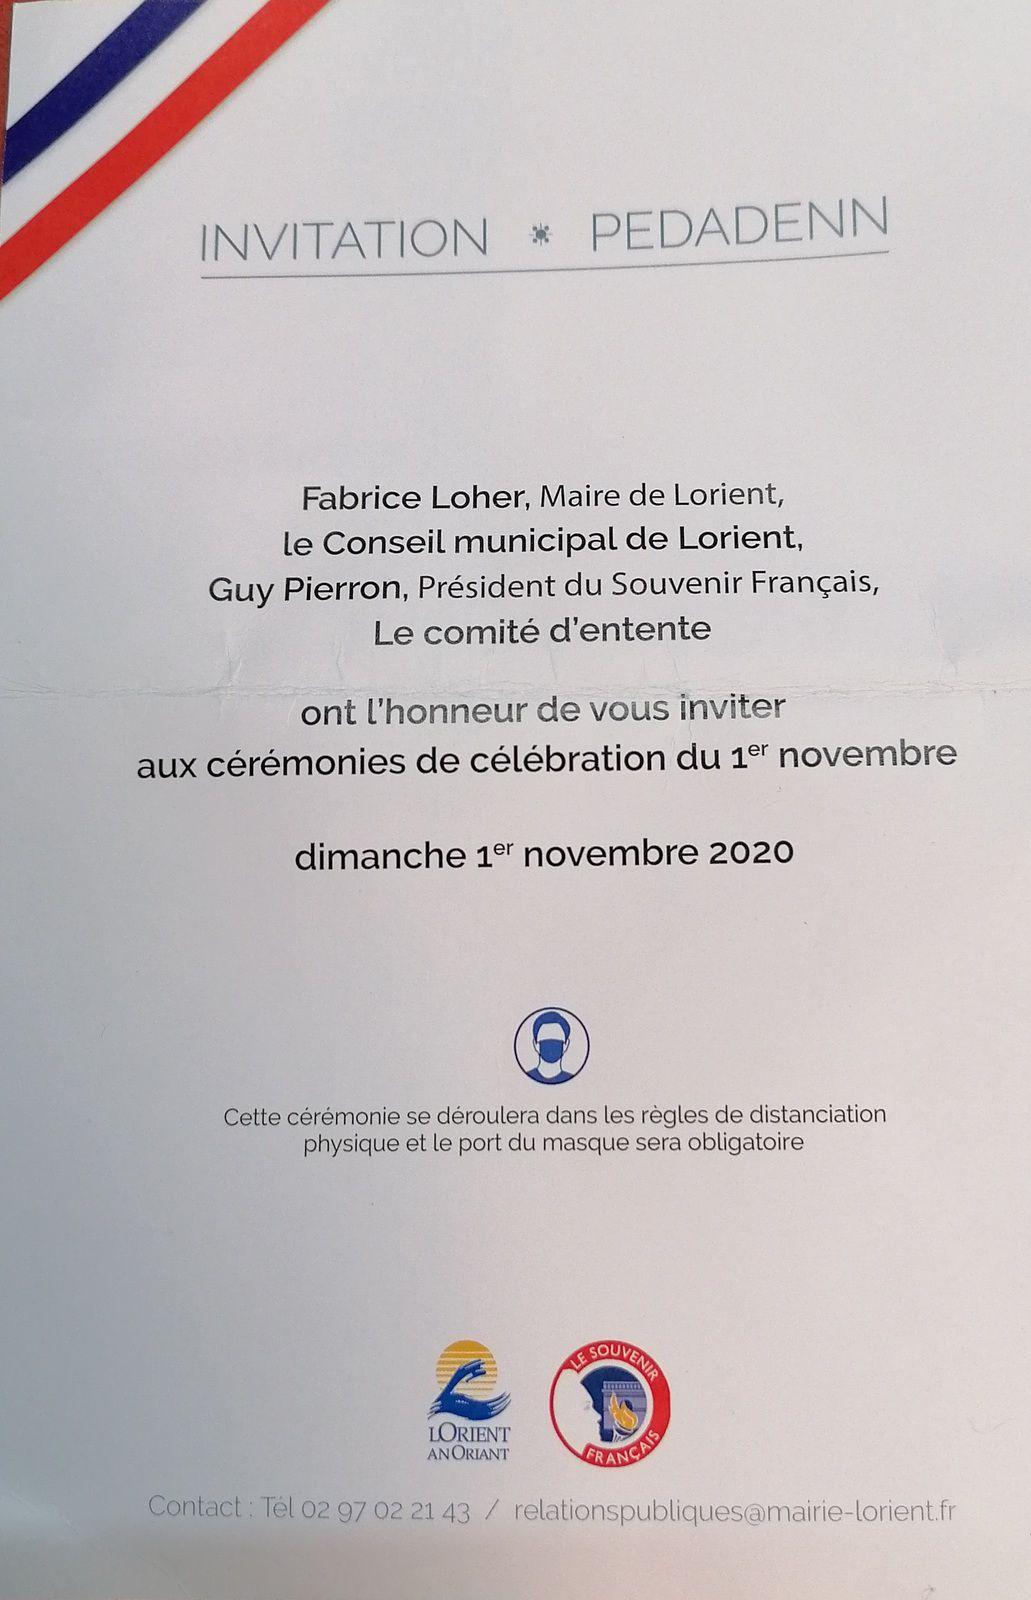 CEREMONIESDE CELEBRATIONDU 1ER NOVEMBRE 2020